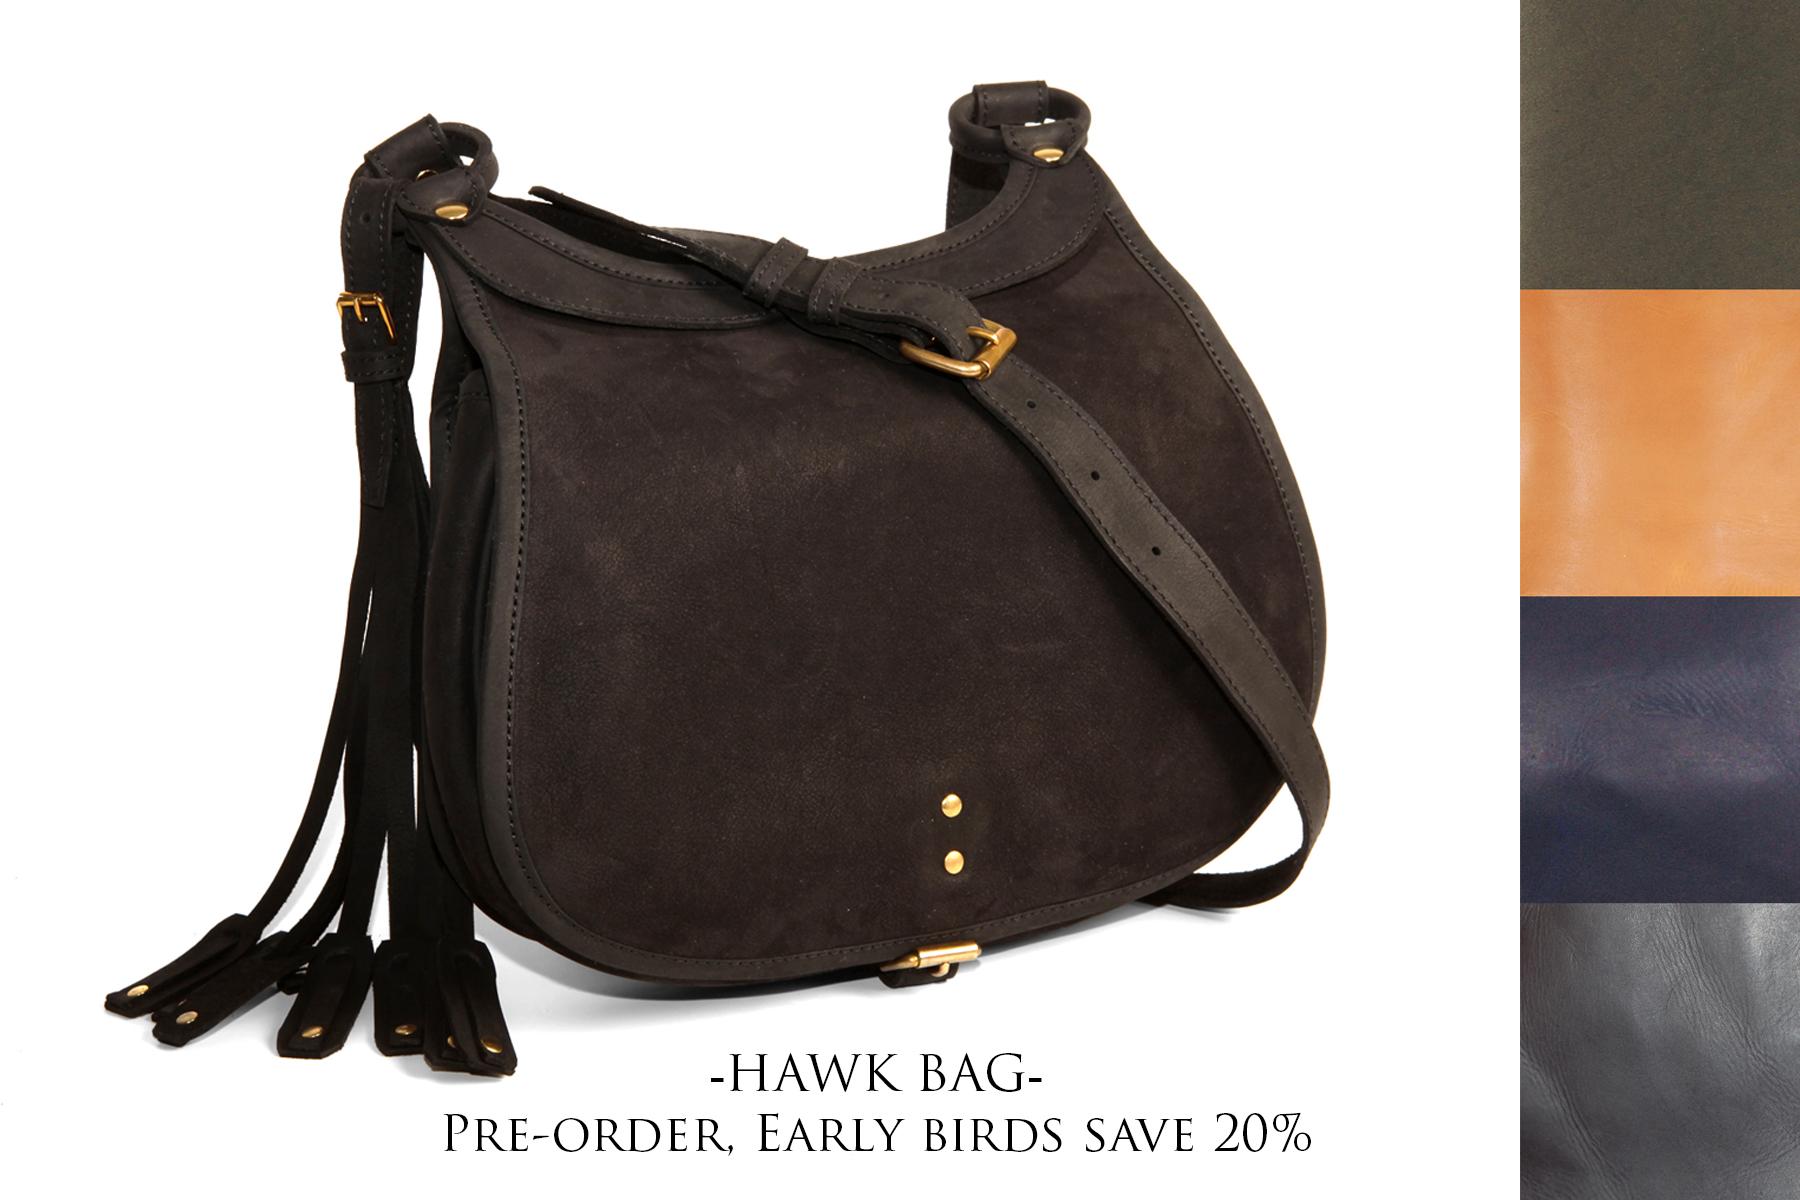 mahiout hawk bag pre-order